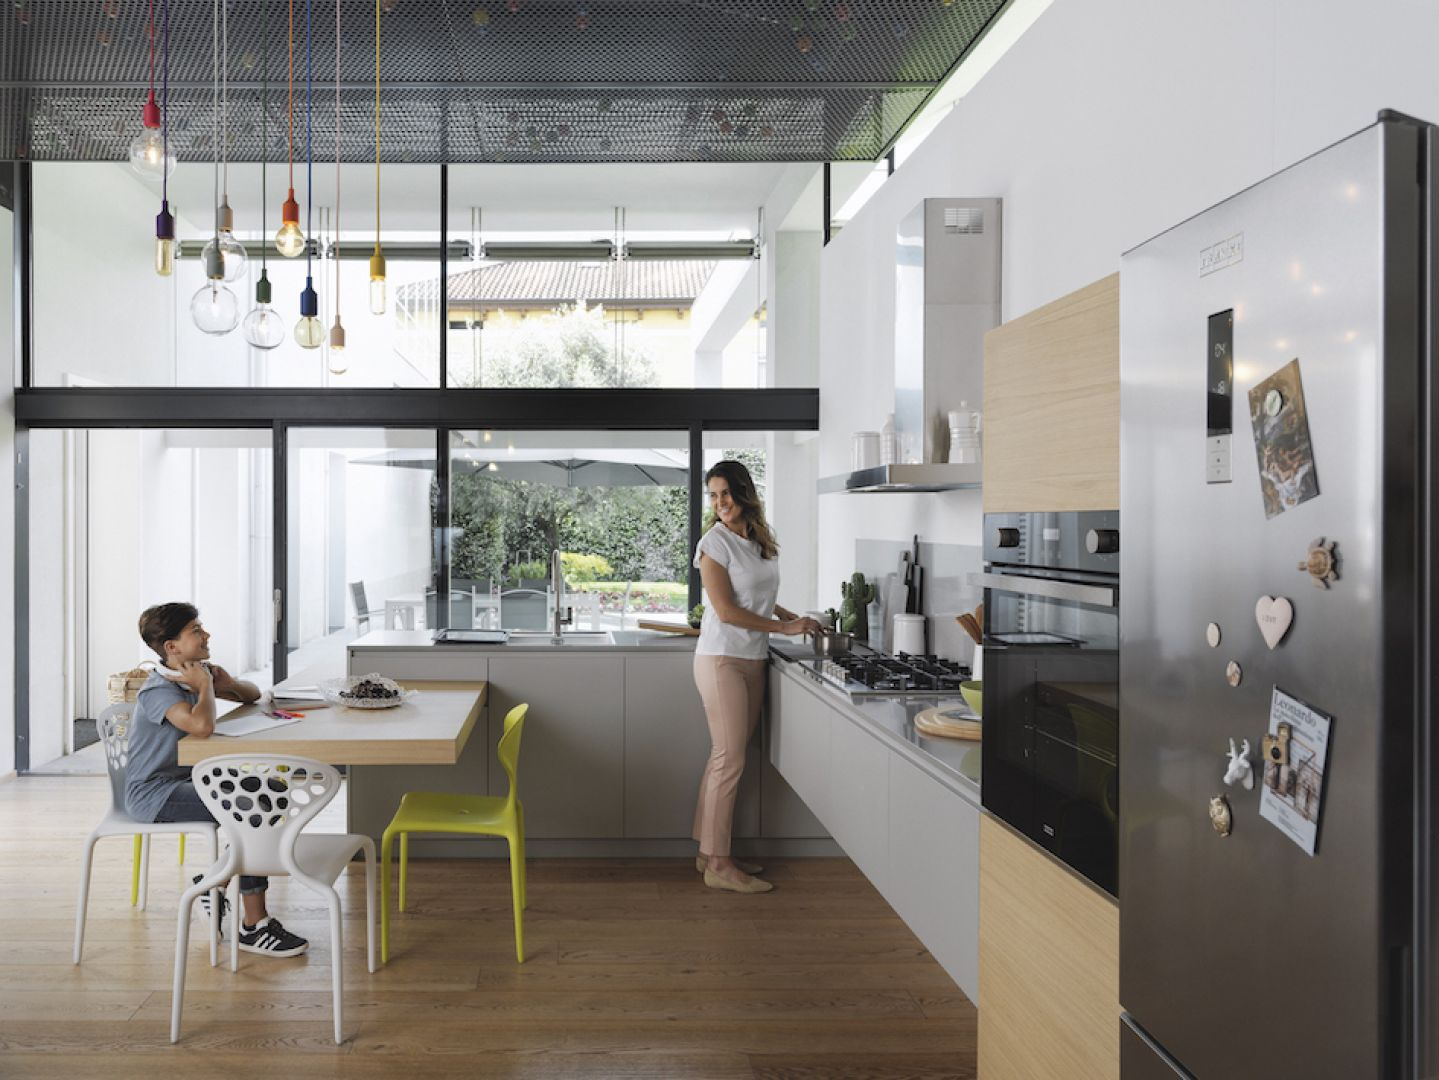 Kuchnia z widokiem na nowoczesność. Fot. Franke